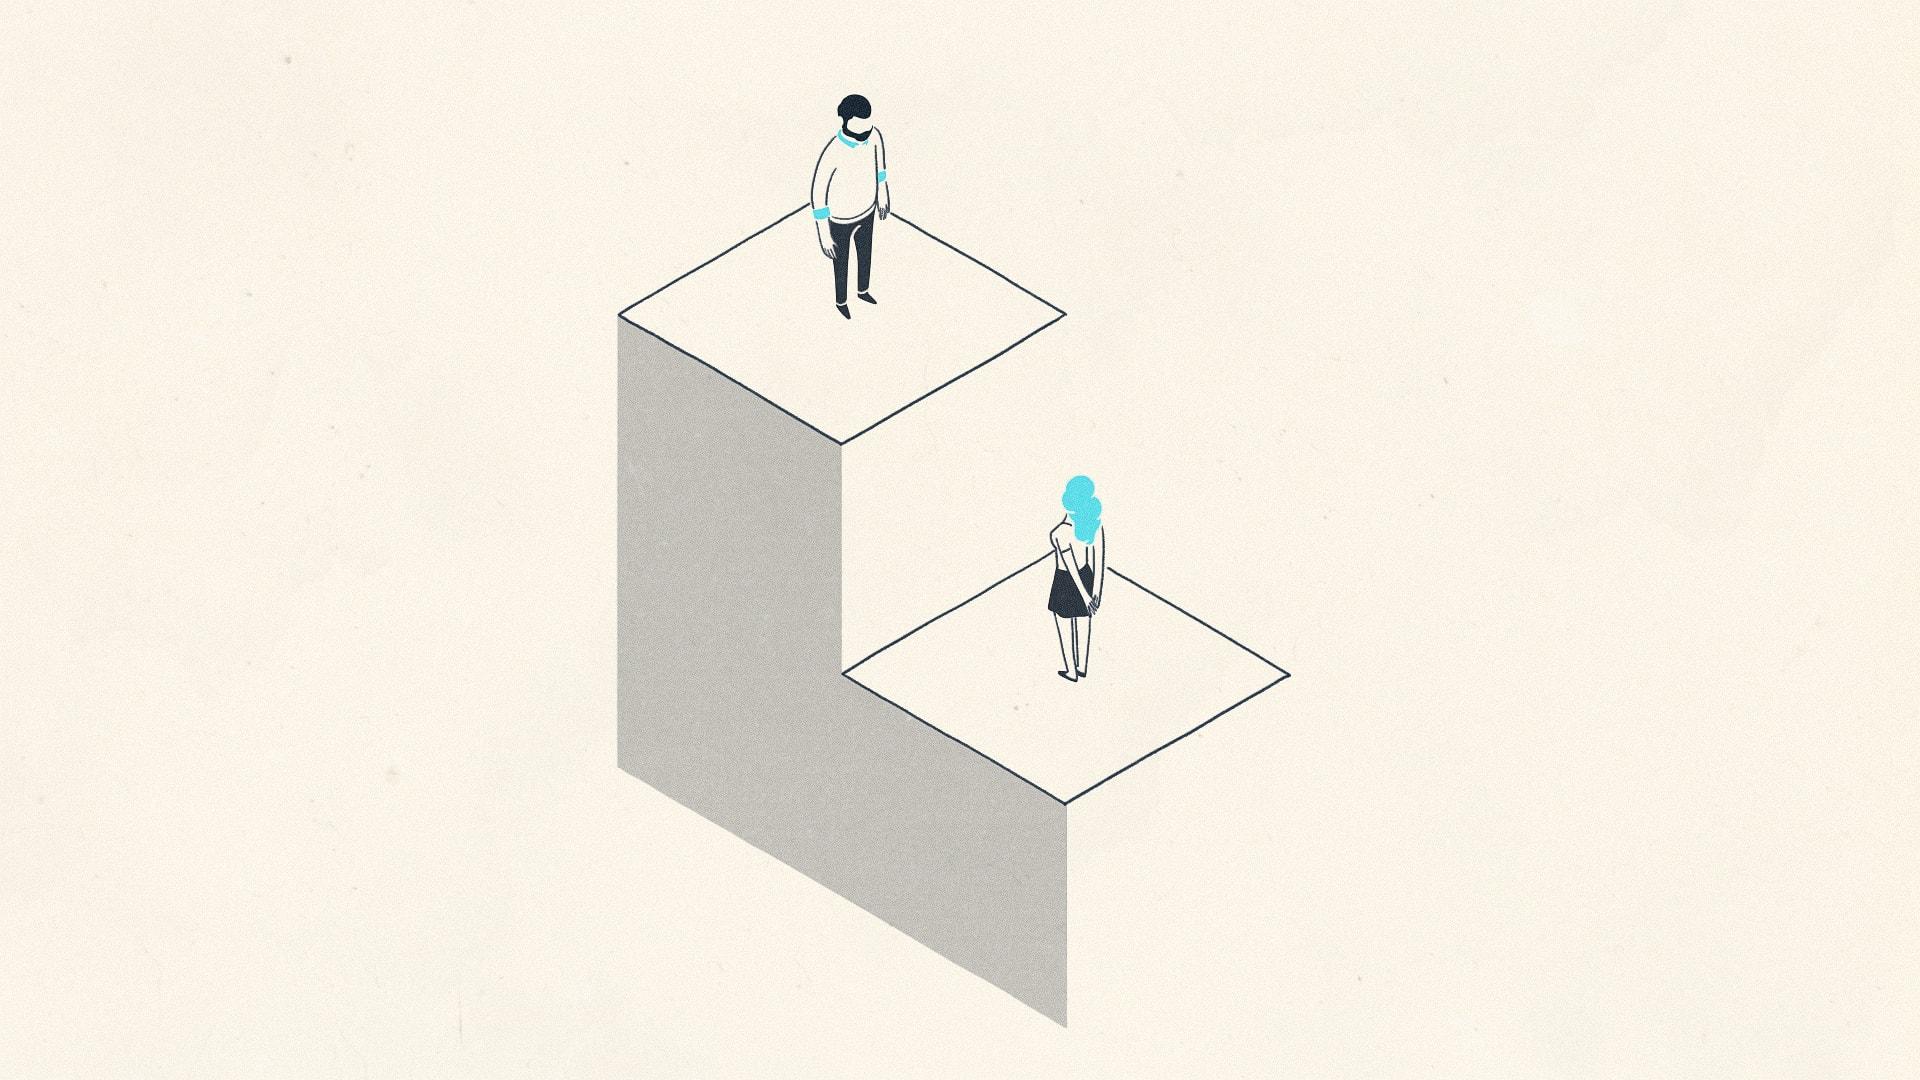 04. New York Times - Modern Love